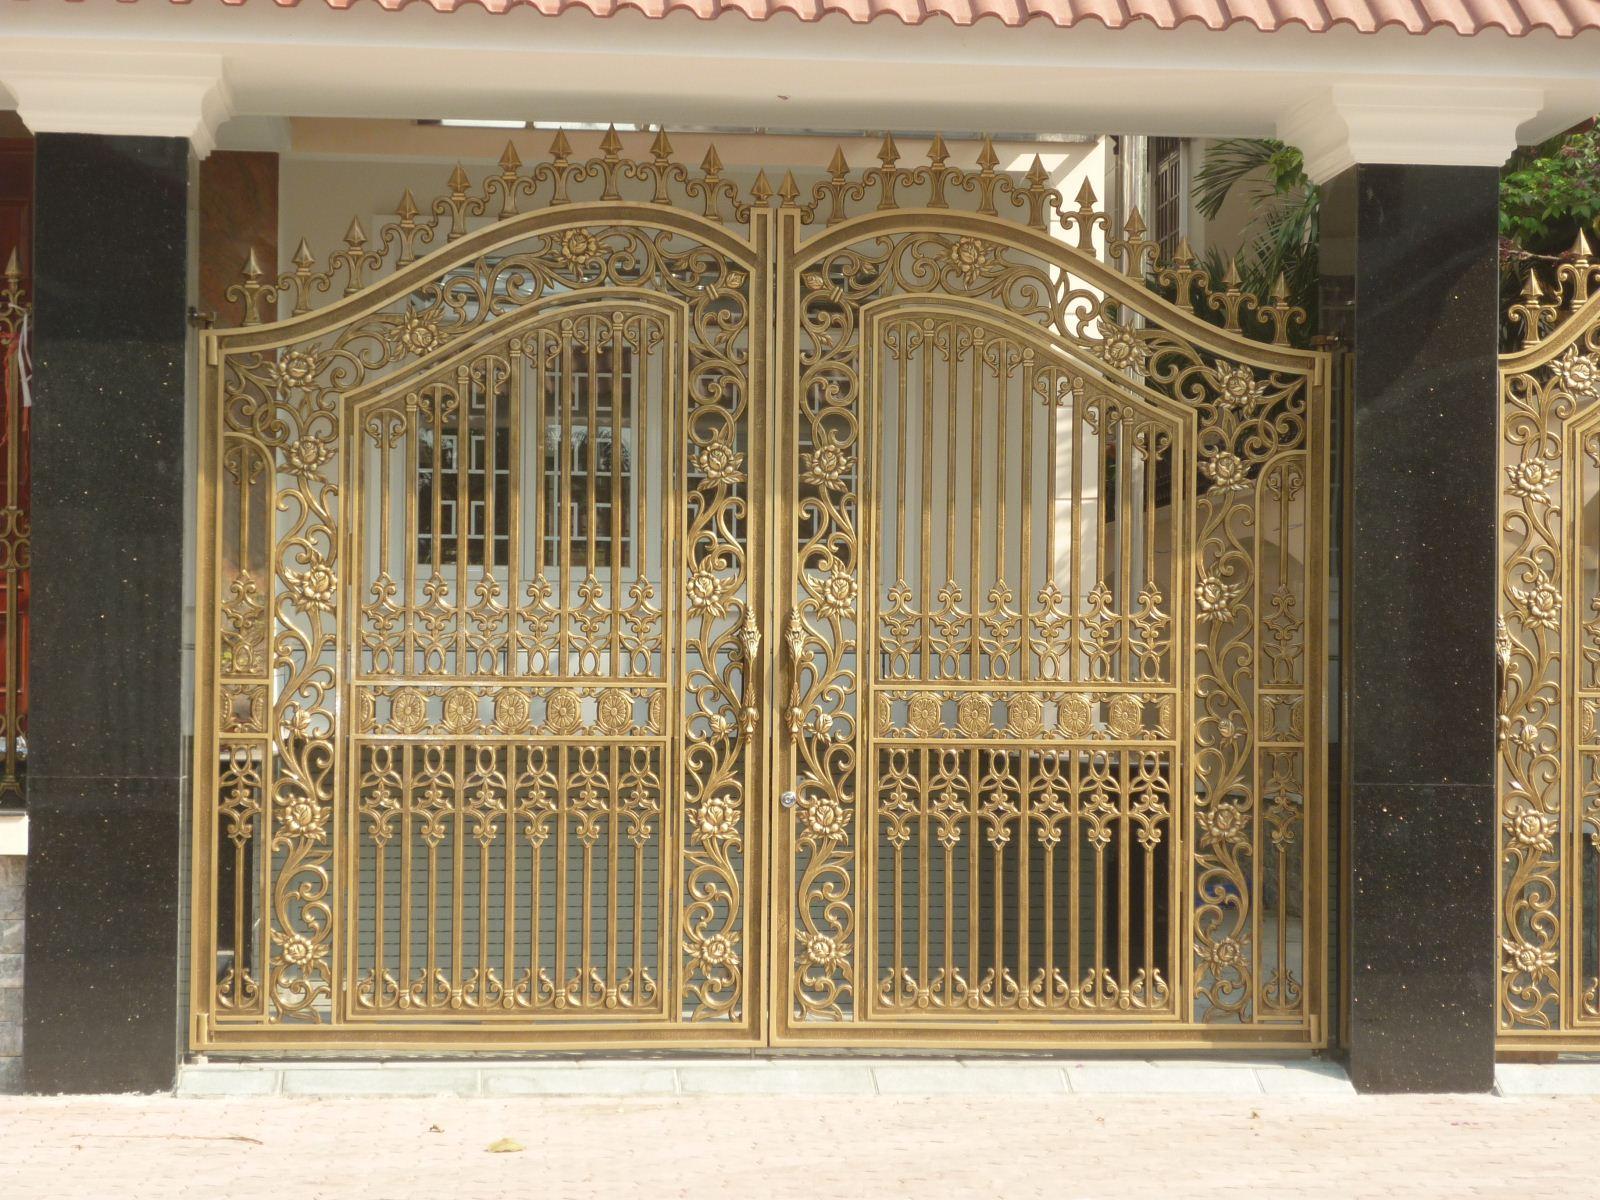 gia chủ cũng không nên thiết kế cổng biệt thự quá nhỏ, bởi sẽ không đủ khí để dẫn vào trong nhà